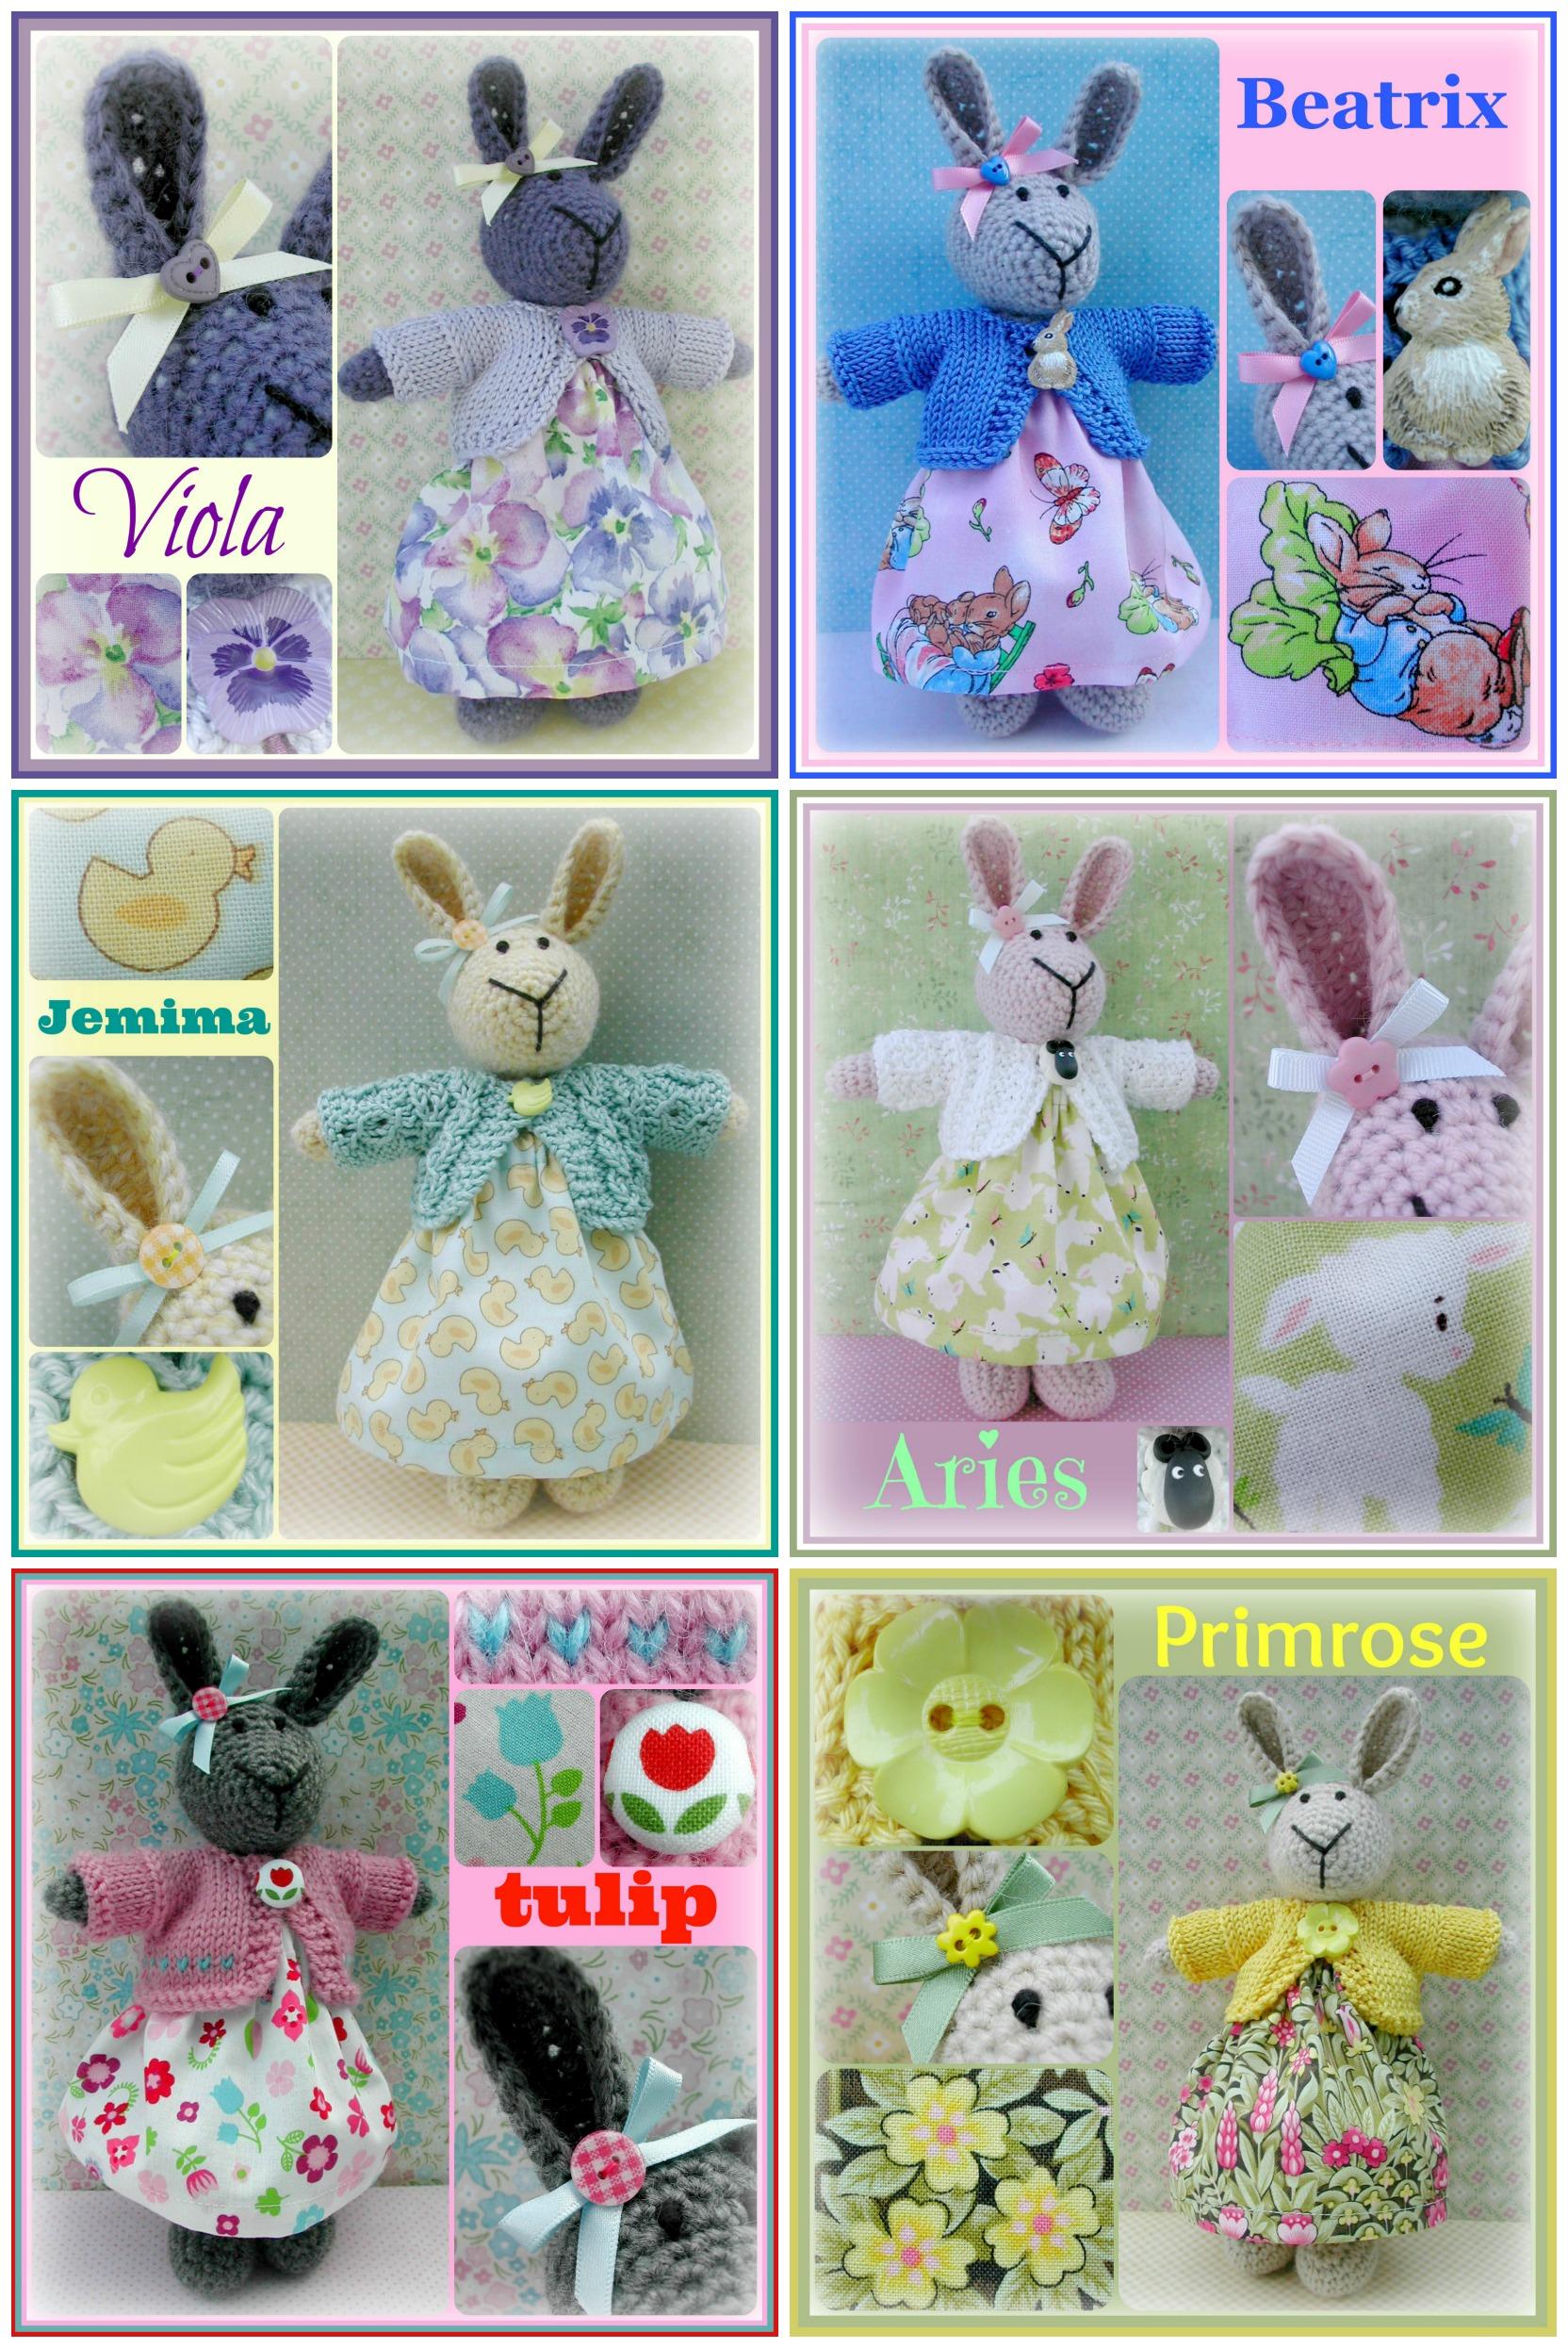 spring girls blog Collage